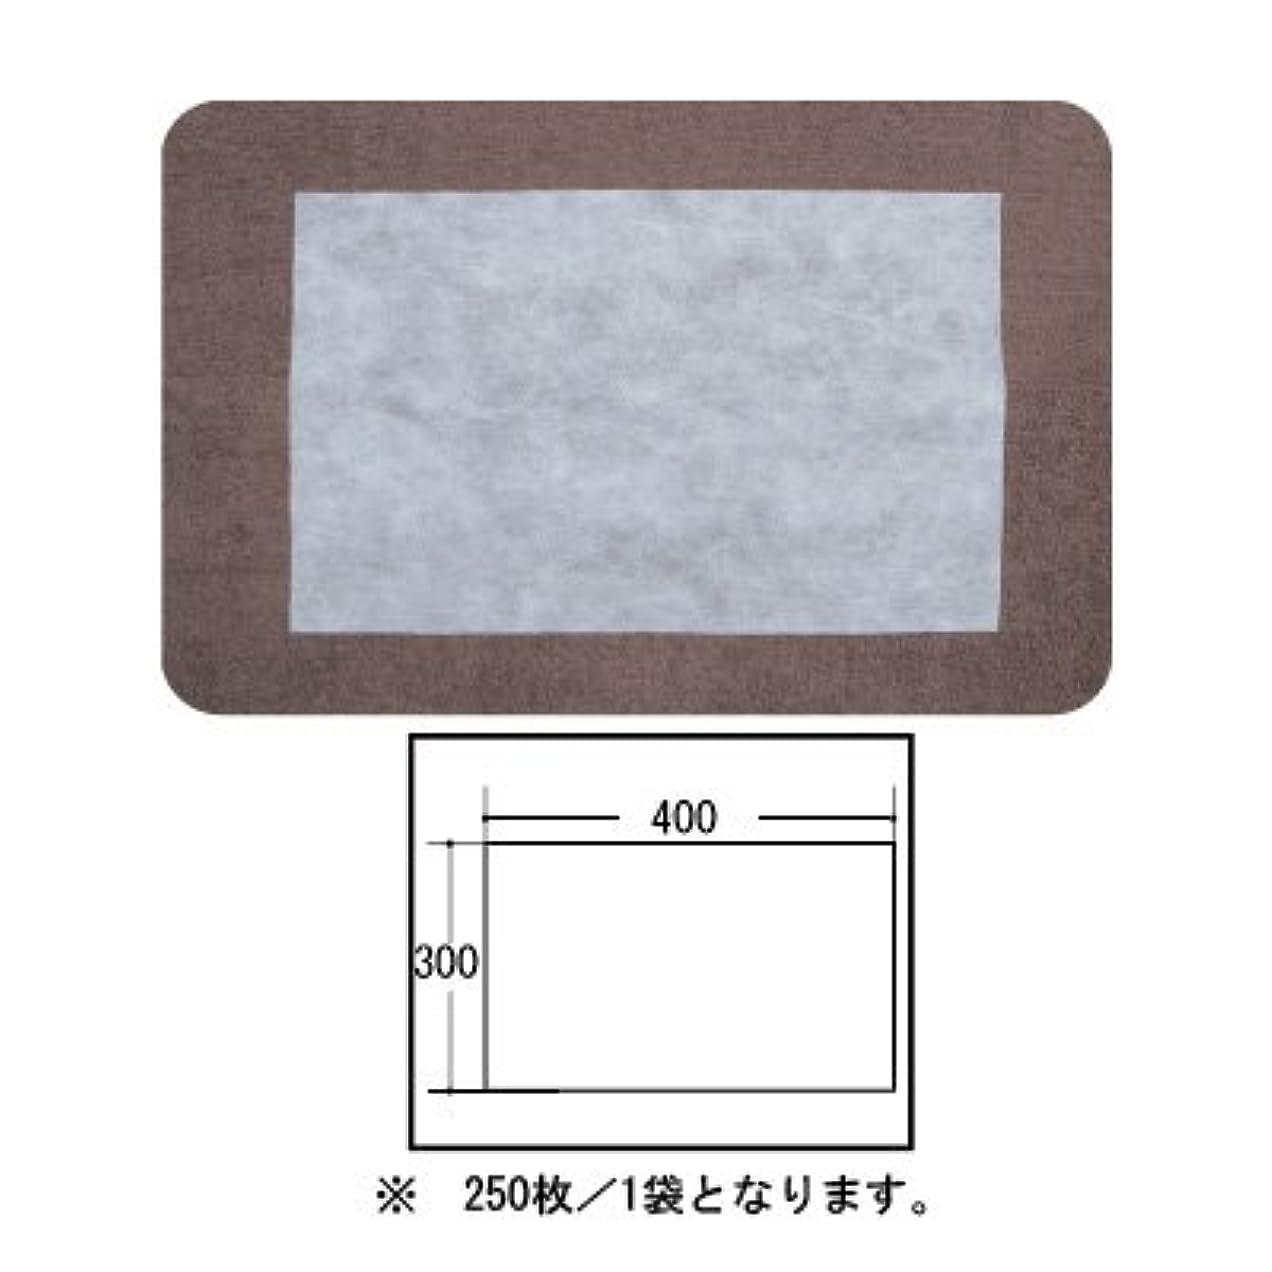 ふざけた覚えている最も遠い(ロータス)LOTUS 日本製 ピロカバー カット無し 250枚入 業務用 マルチな不織布カバー